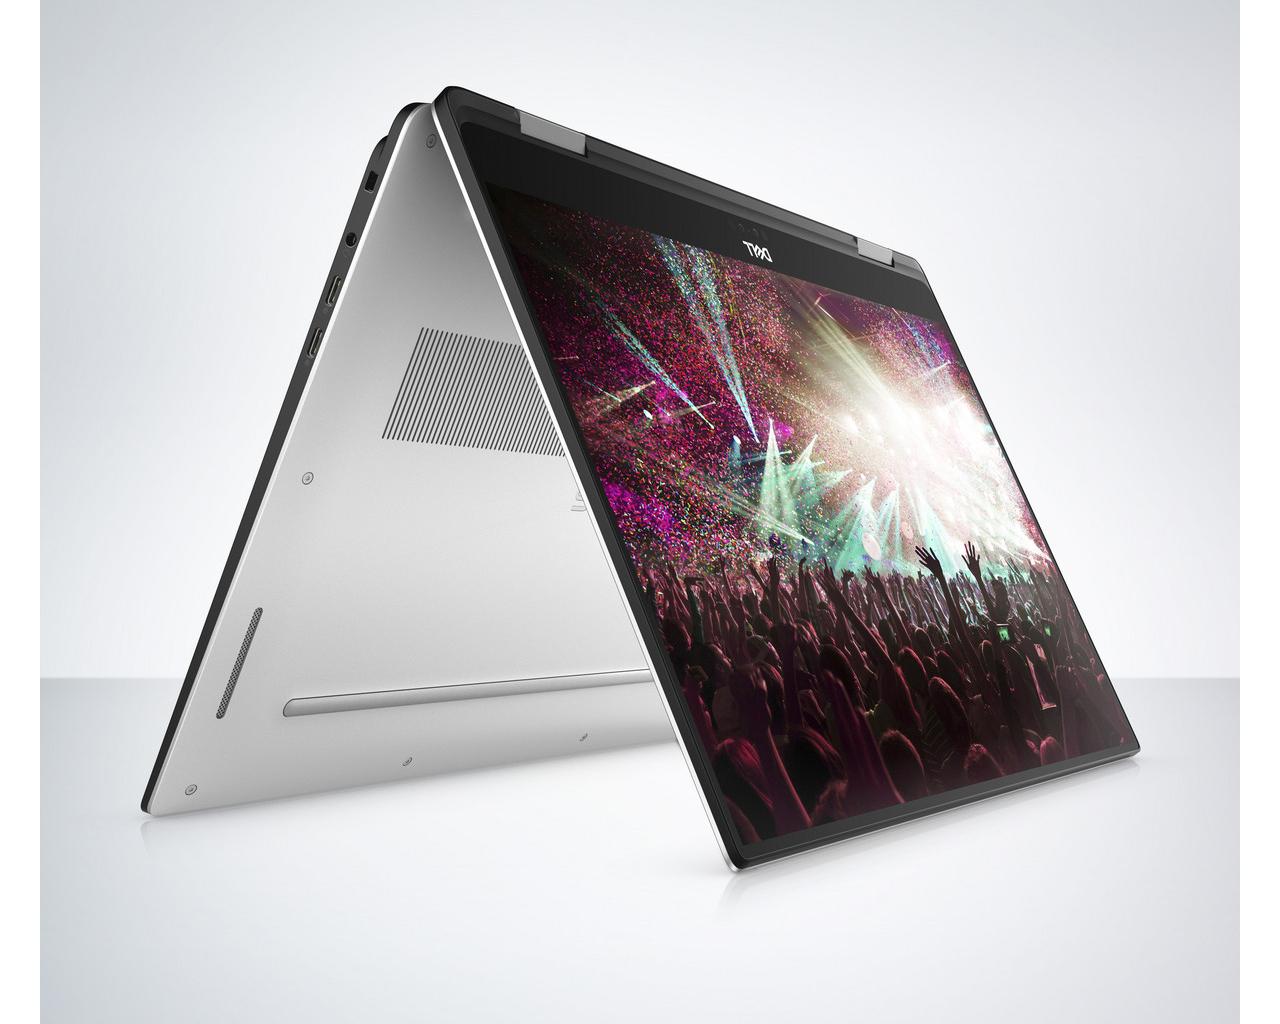 Легкие и тонкие лучшие ноутбуки для тех, кто постоянно в пути - Dell XPS 15 9575